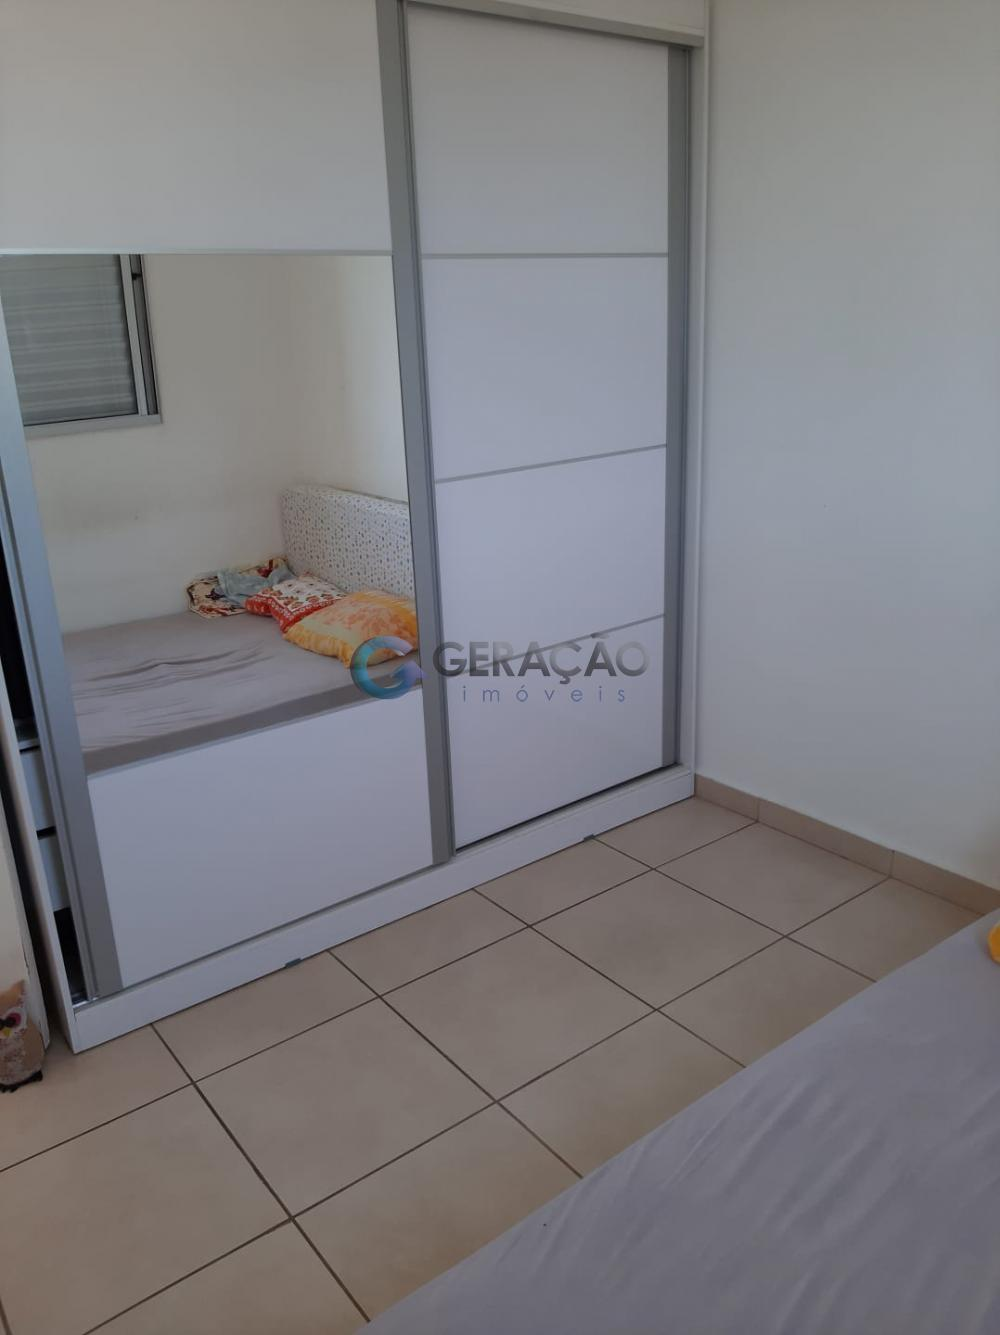 Alugar Apartamento / Padrão em São José dos Campos R$ 900,00 - Foto 11